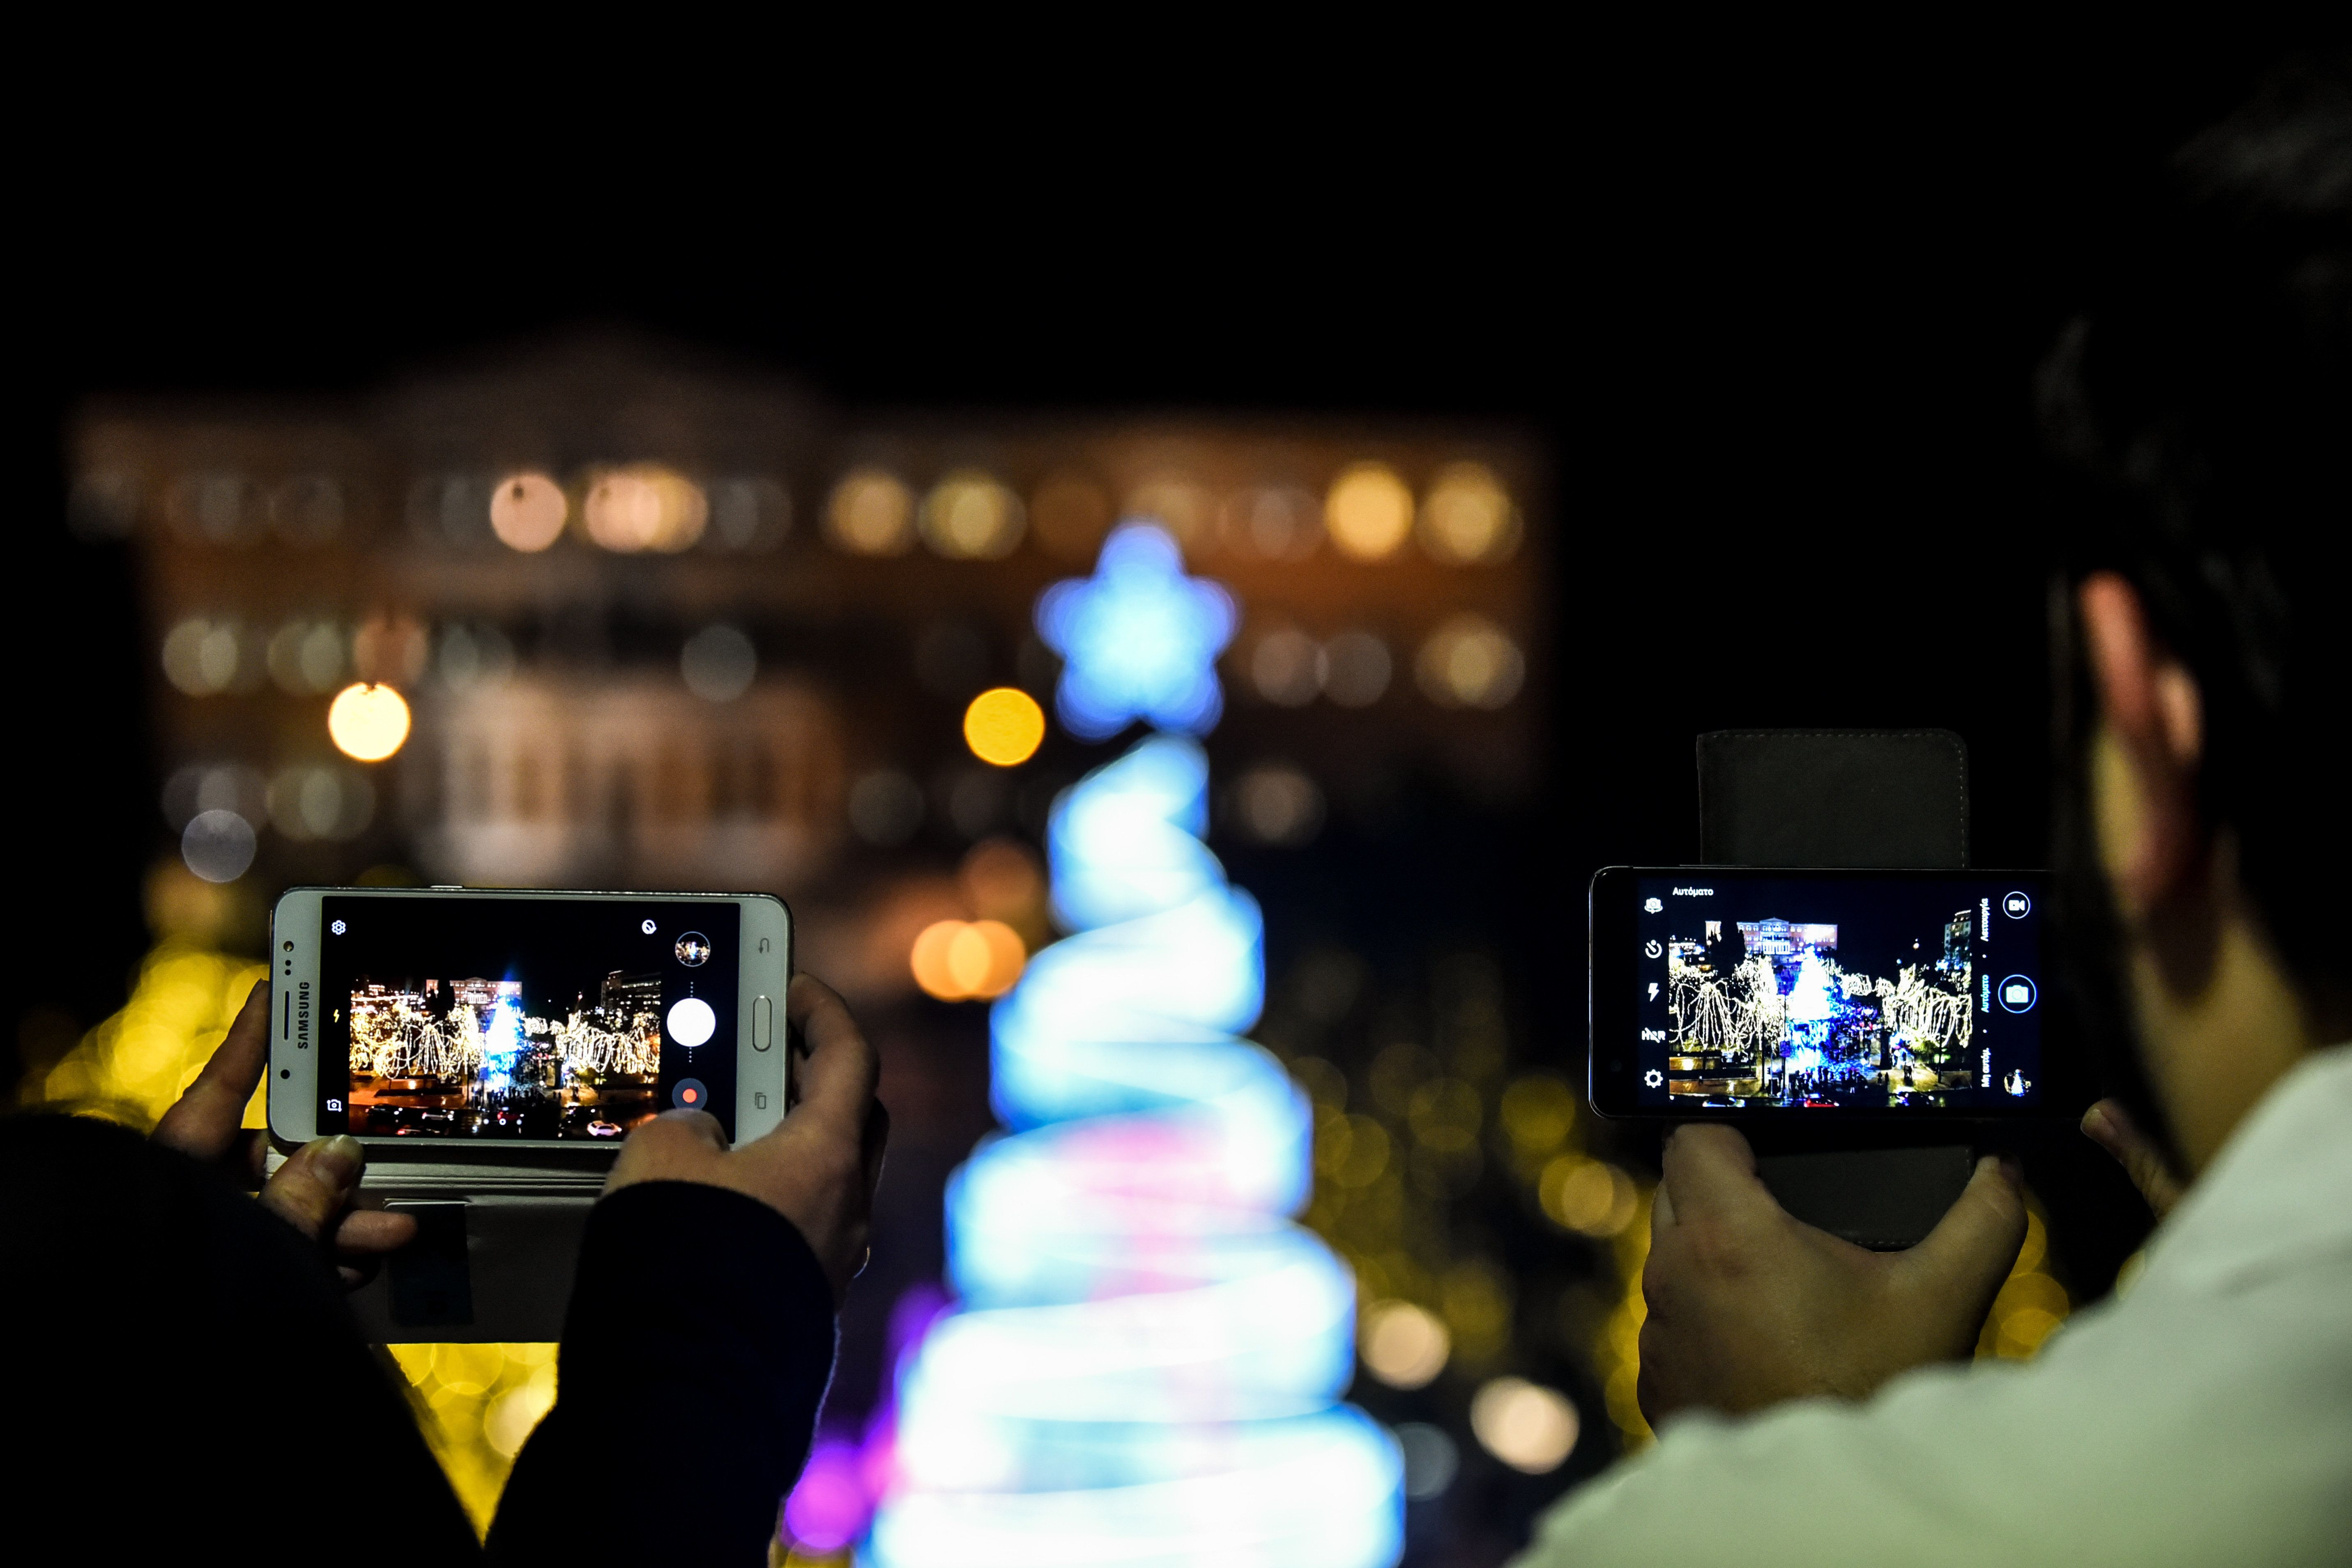 Έβαλε τα γιορτινά της η πλατεία Συντάγματος -Όλες οι δωρεάν χριστουγεννιάτικες εκδηλώσεις στην